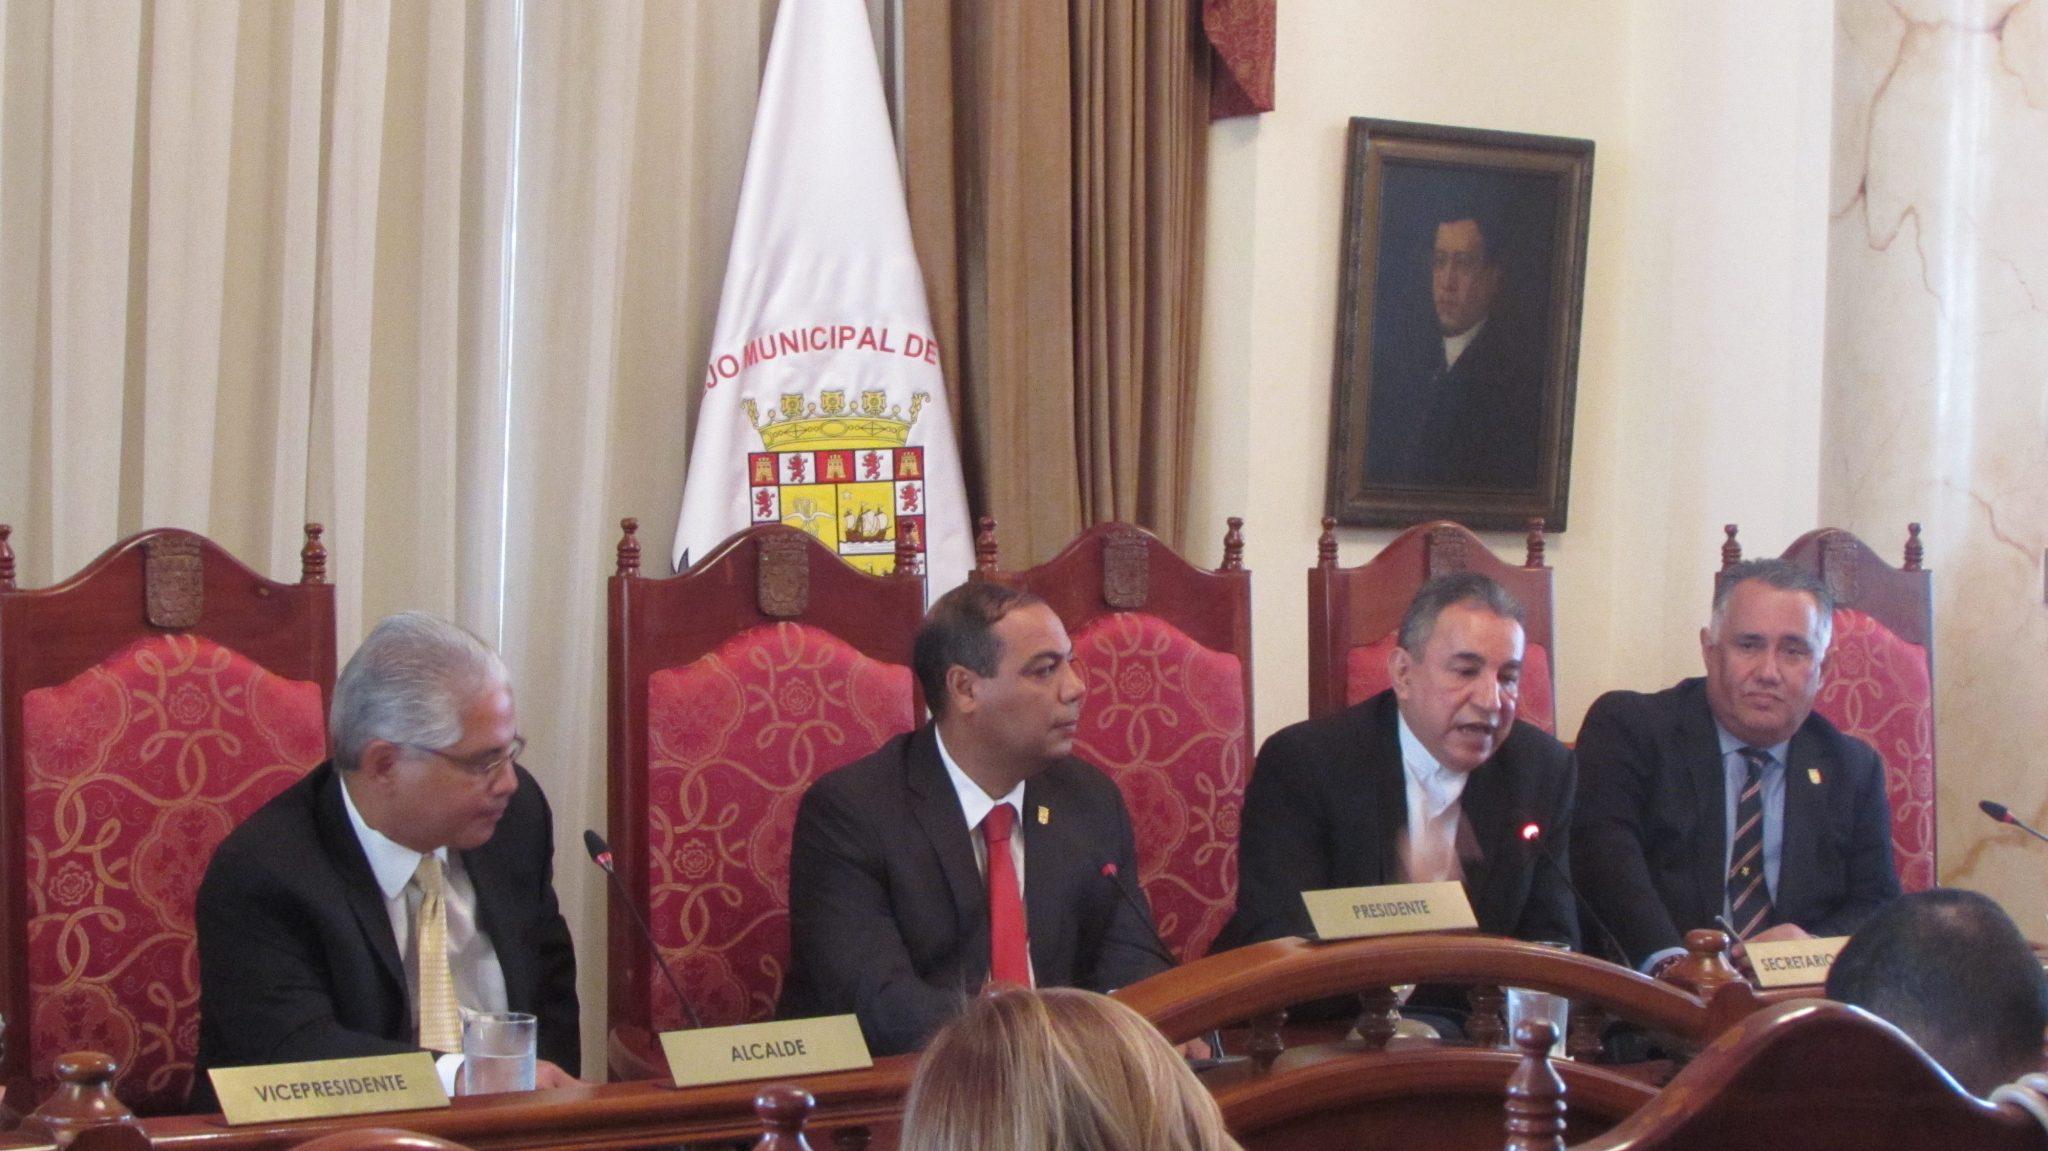 Concejo Municipal de Panamá participará en organización de la JMJ